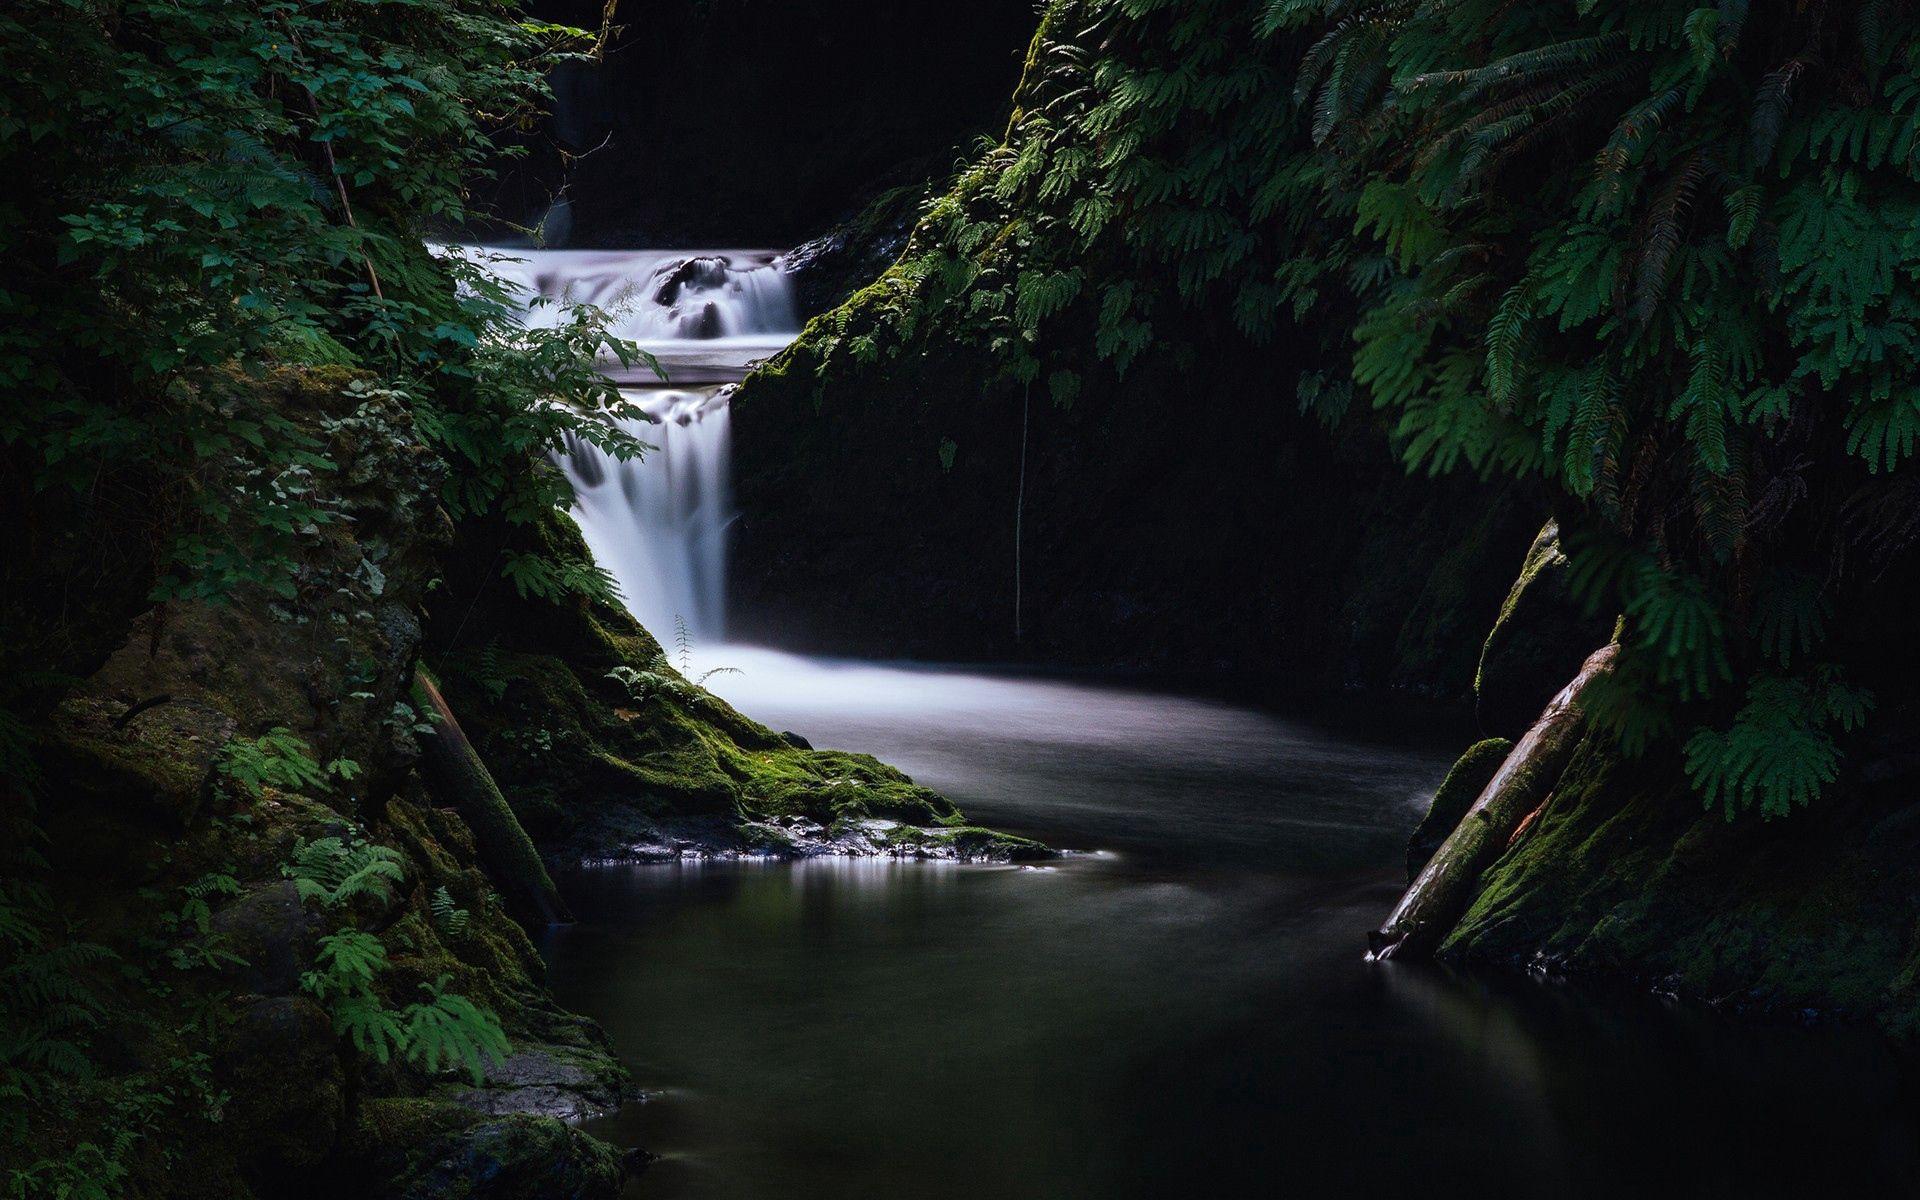 110742 économiseurs d'écran et fonds d'écran Sombre sur votre téléphone. Téléchargez Sombre, Nature, Herbe, Cascade images gratuitement